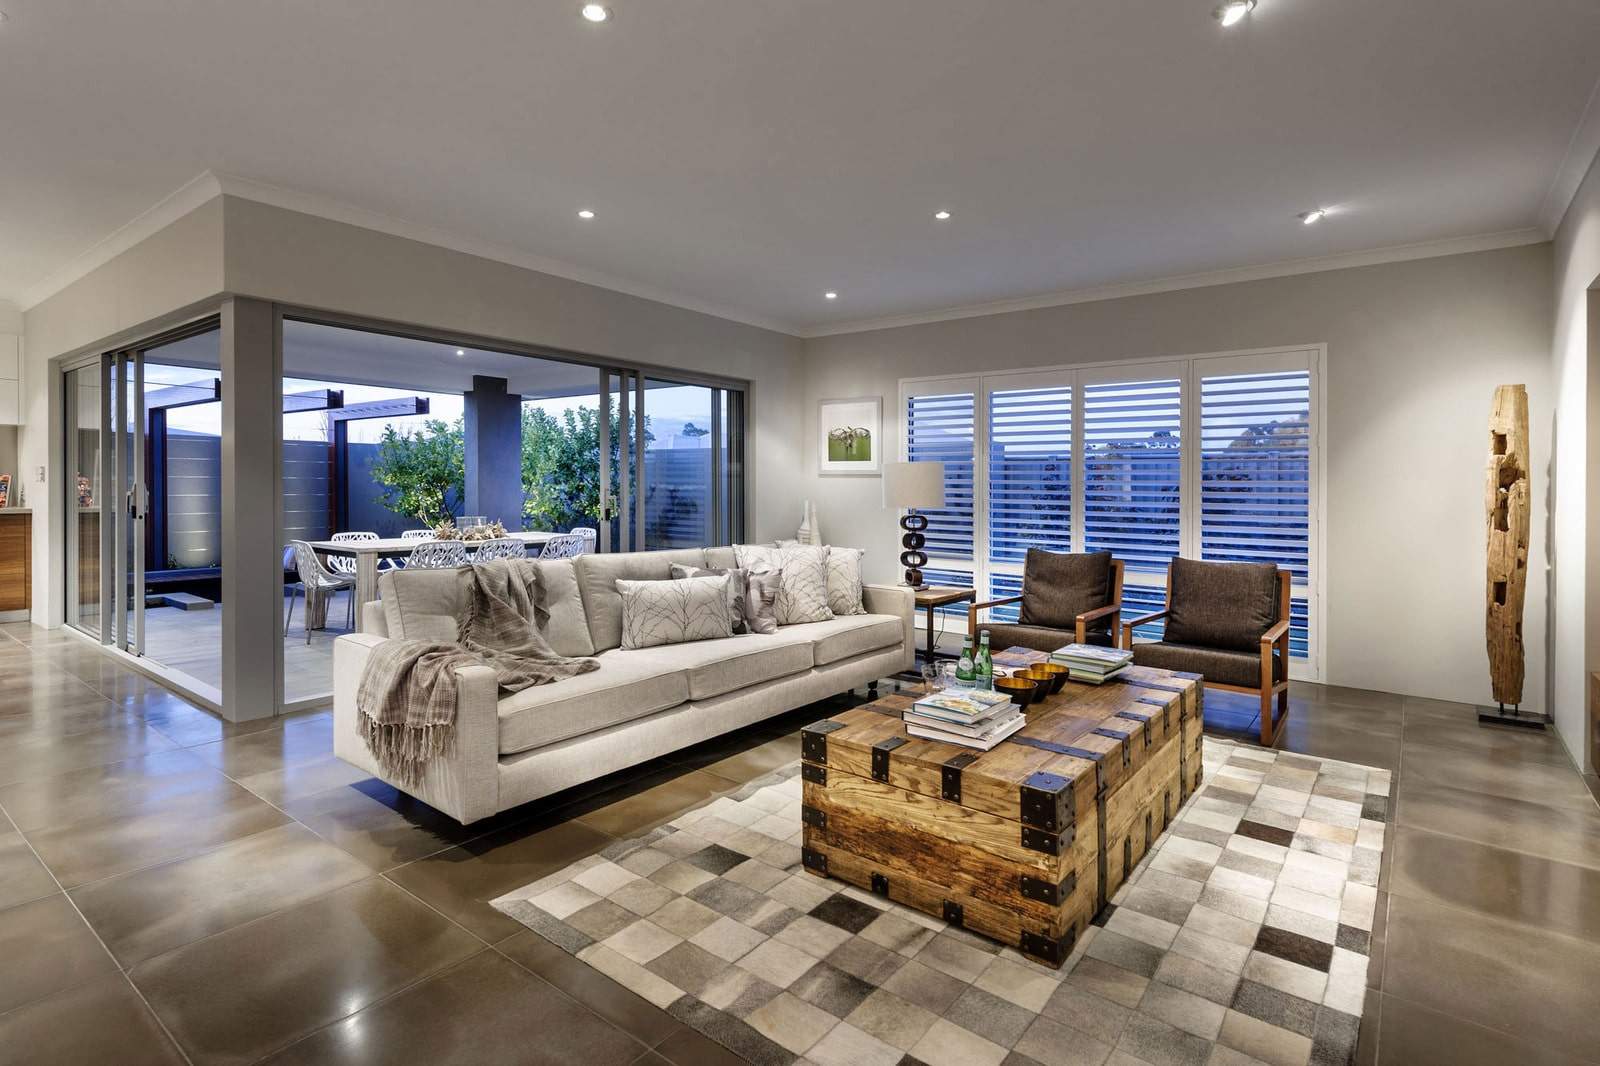 Dise o de casa moderna de dos pisos fachada e interiores for Fotos de interiores de casas modernas